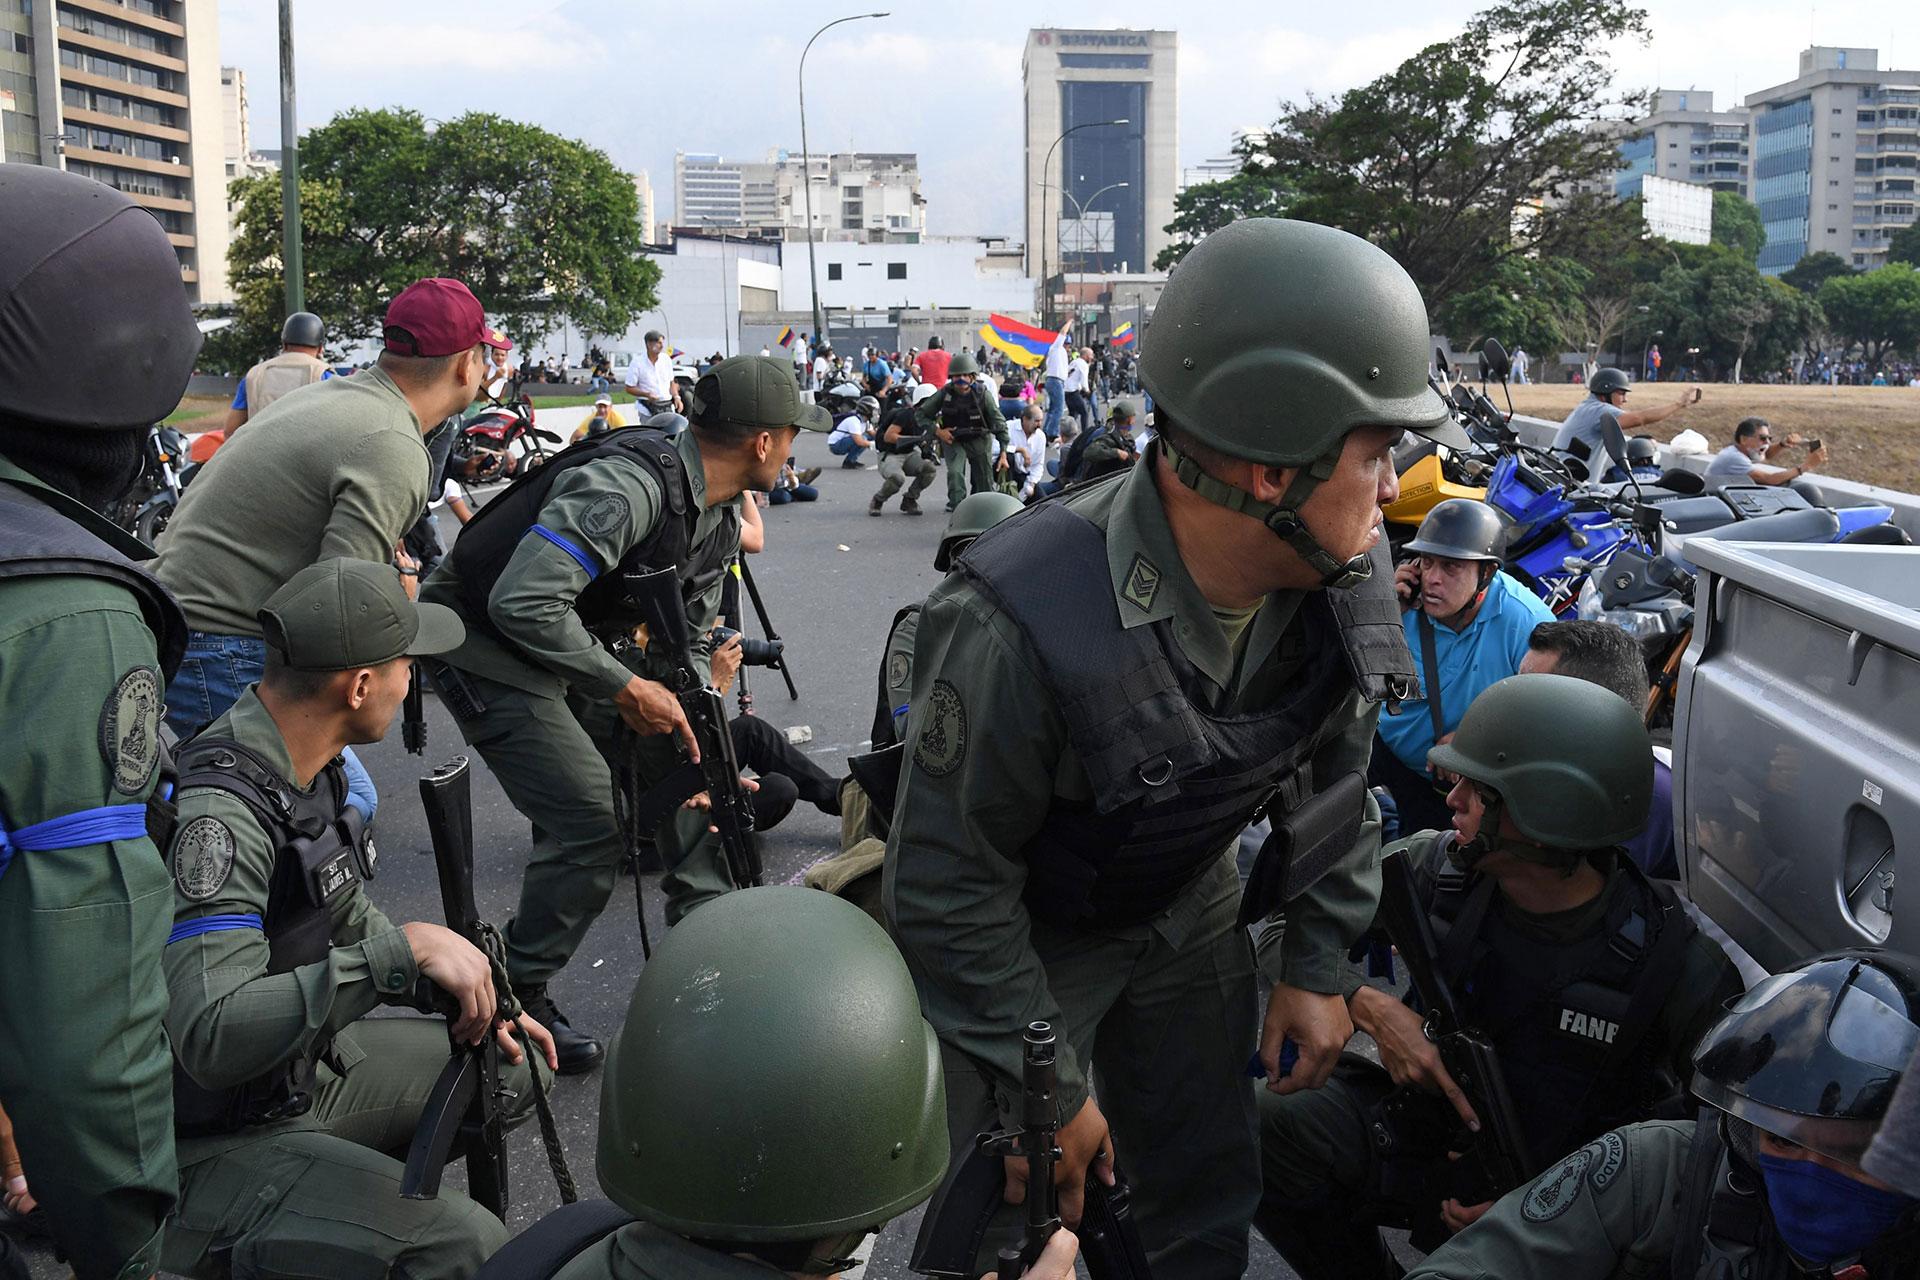 Guaidó dijo el martes que las tropas se habían unido a su campaña para derrocar al dictador Nicolás Maduro mientras que el régimen intentaba reprimir lo que llamó un intento de golpe de estado.